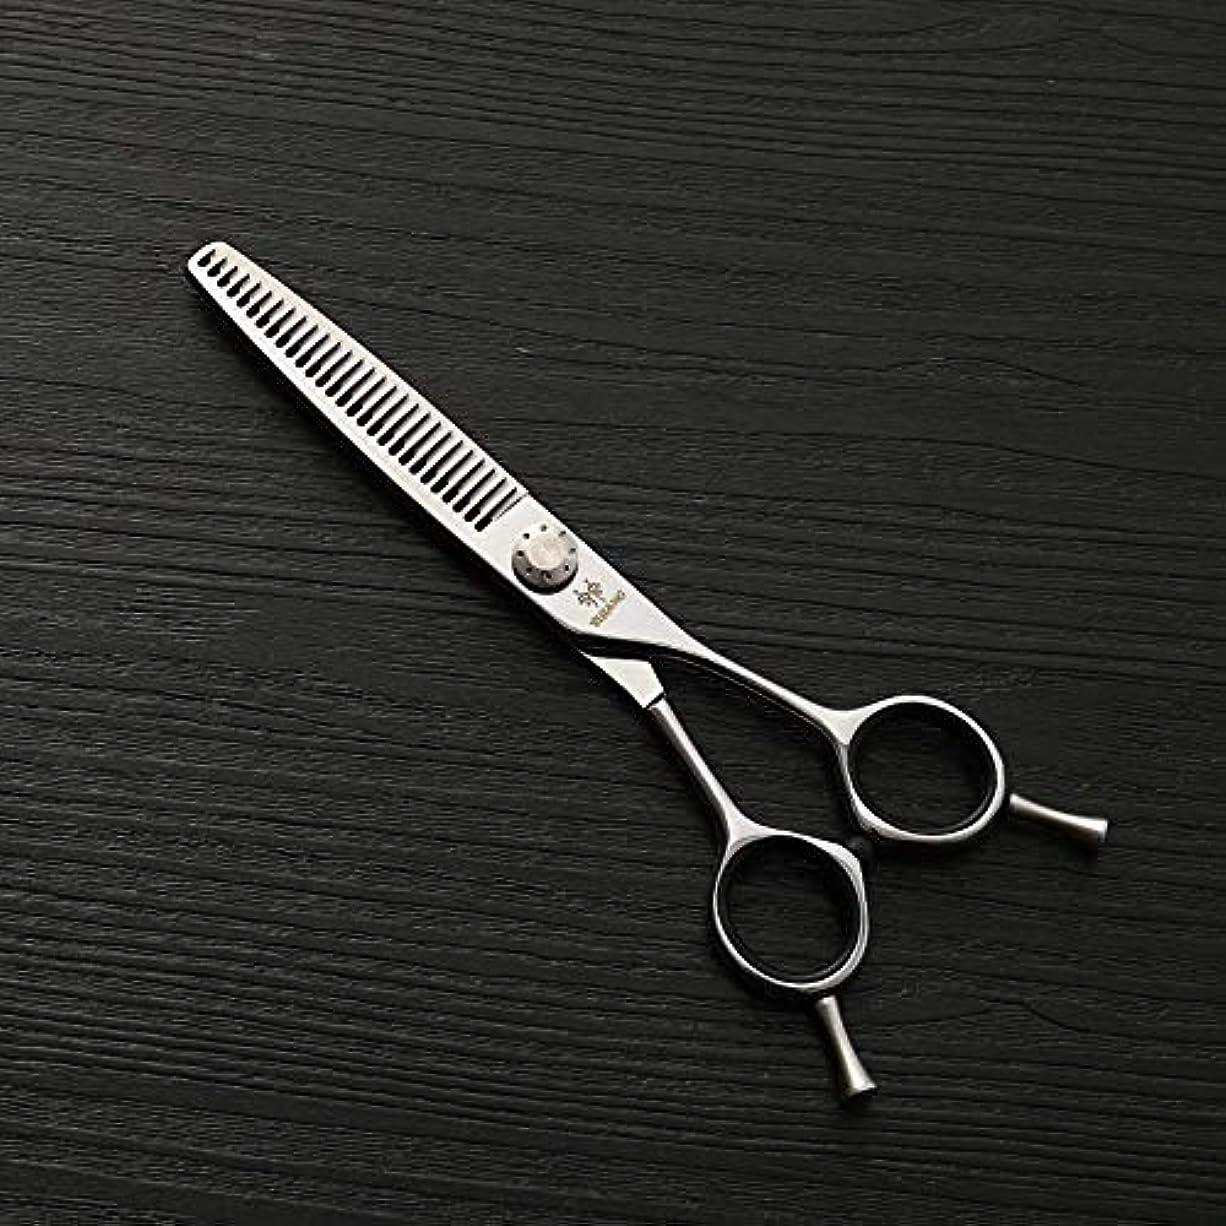 母溝危険を冒します理髪用はさみ 6インチの美容院の専門のステンレス鋼の毛の切断用具、薄い歯の切断の魚骨はさみの毛の切断はさみのステンレス製の理髪師のはさみ (色 : Silver)